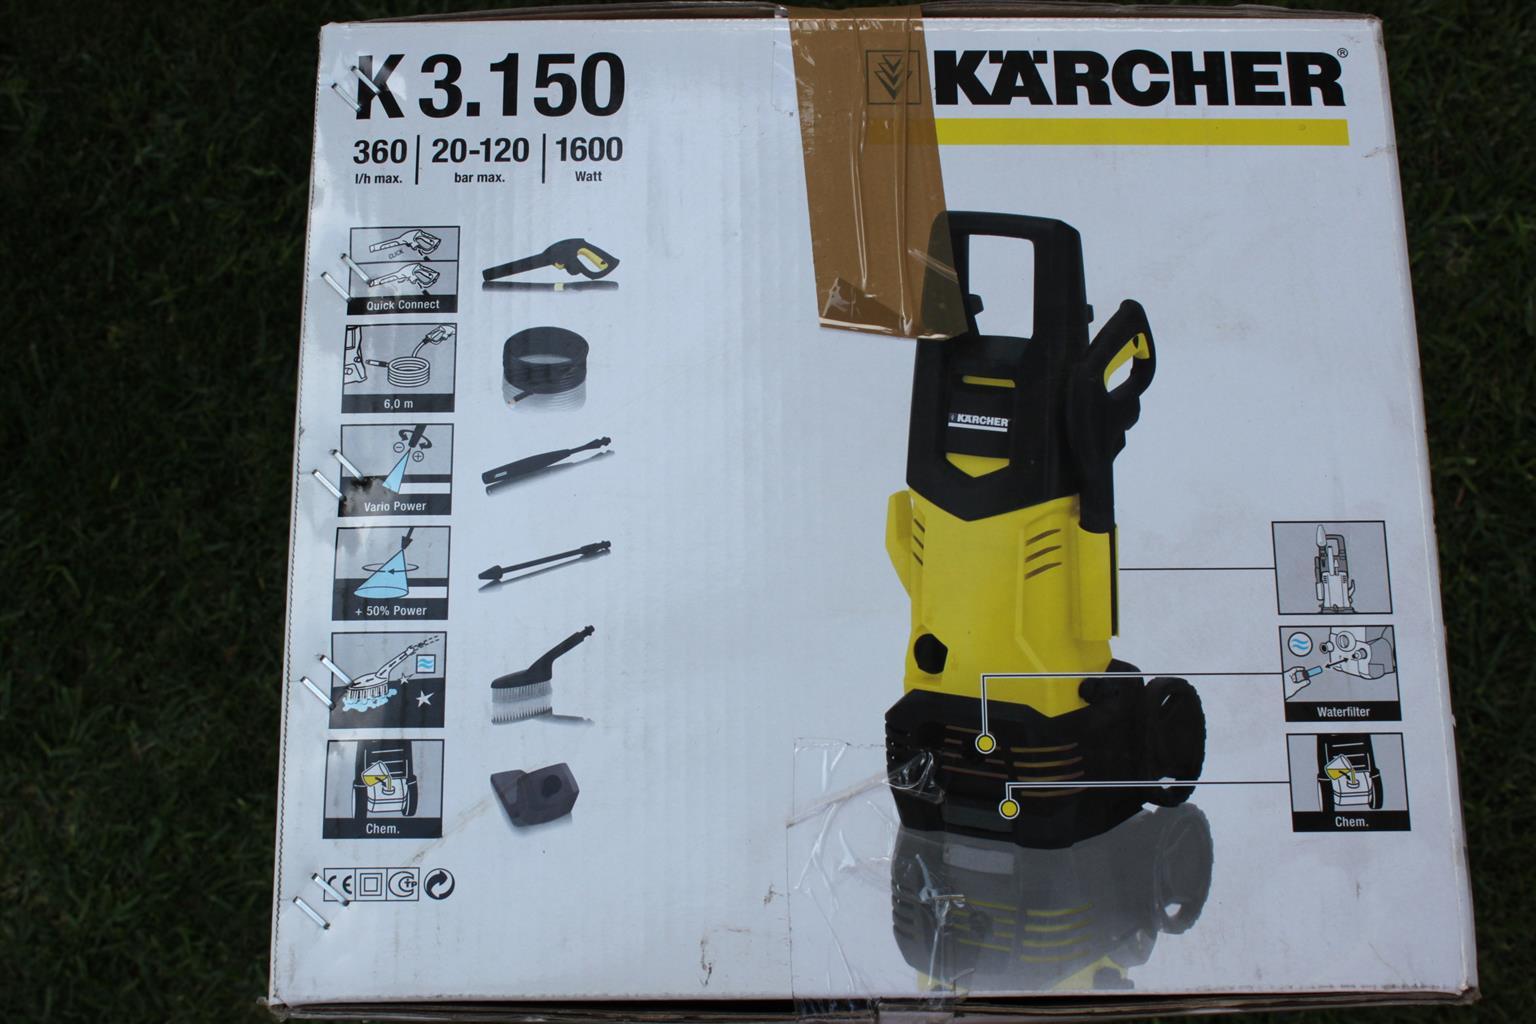 Kärcher K3.150 Home & Garden Cold Water High Pressure Cleaner (New)